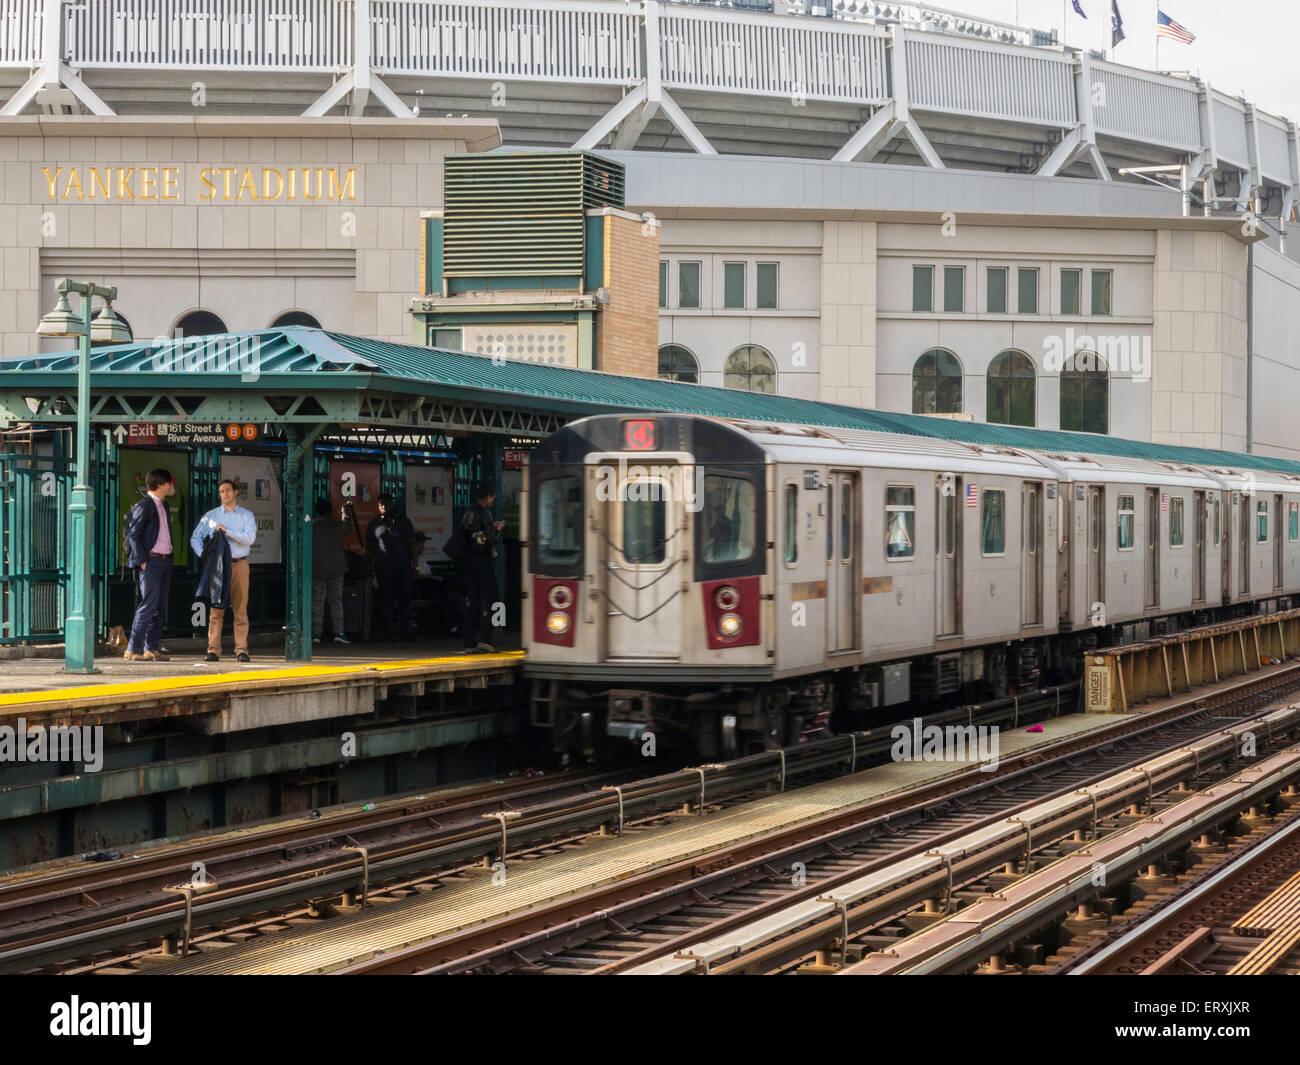 4 subway platform, train and tracks at yankee stadium, the